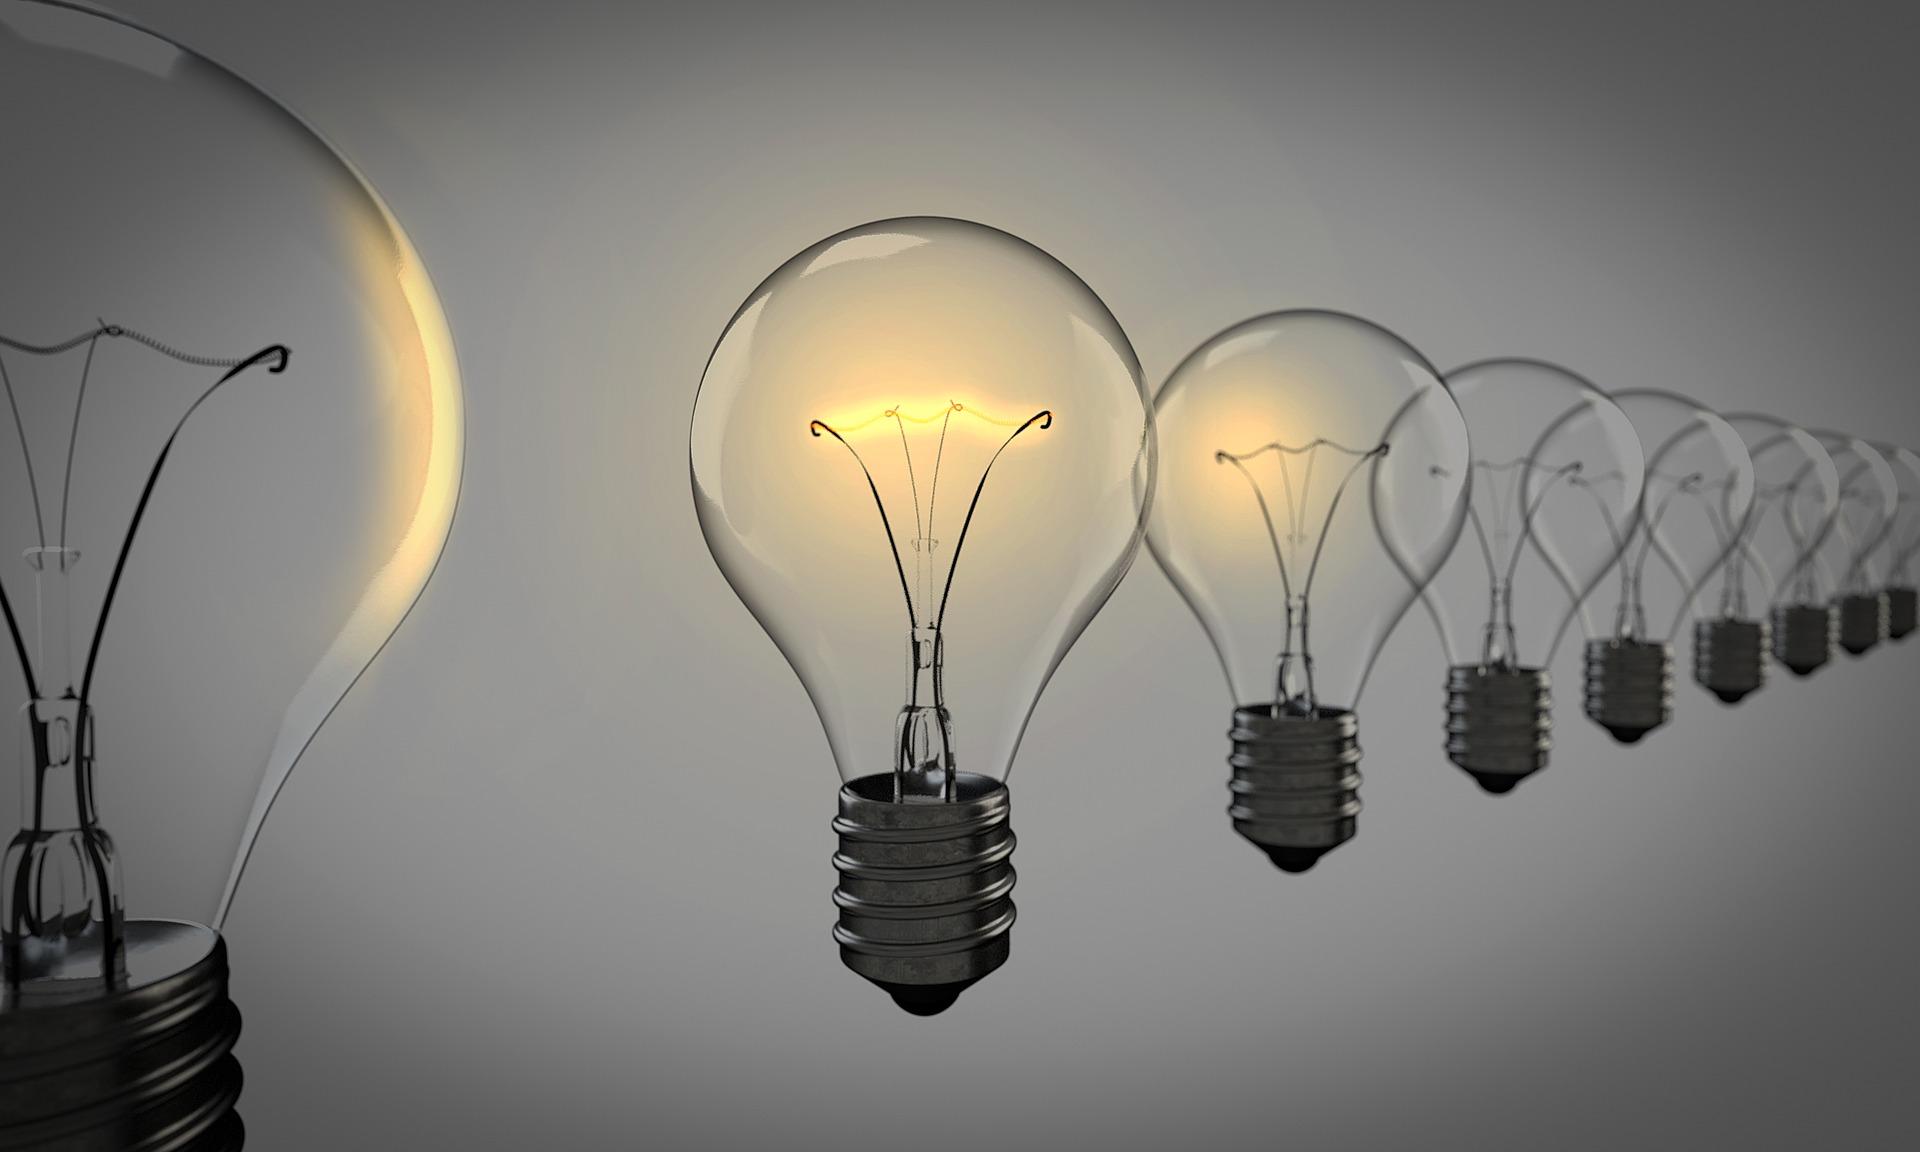 A la recherche d'idées sur la transformation par les données ?